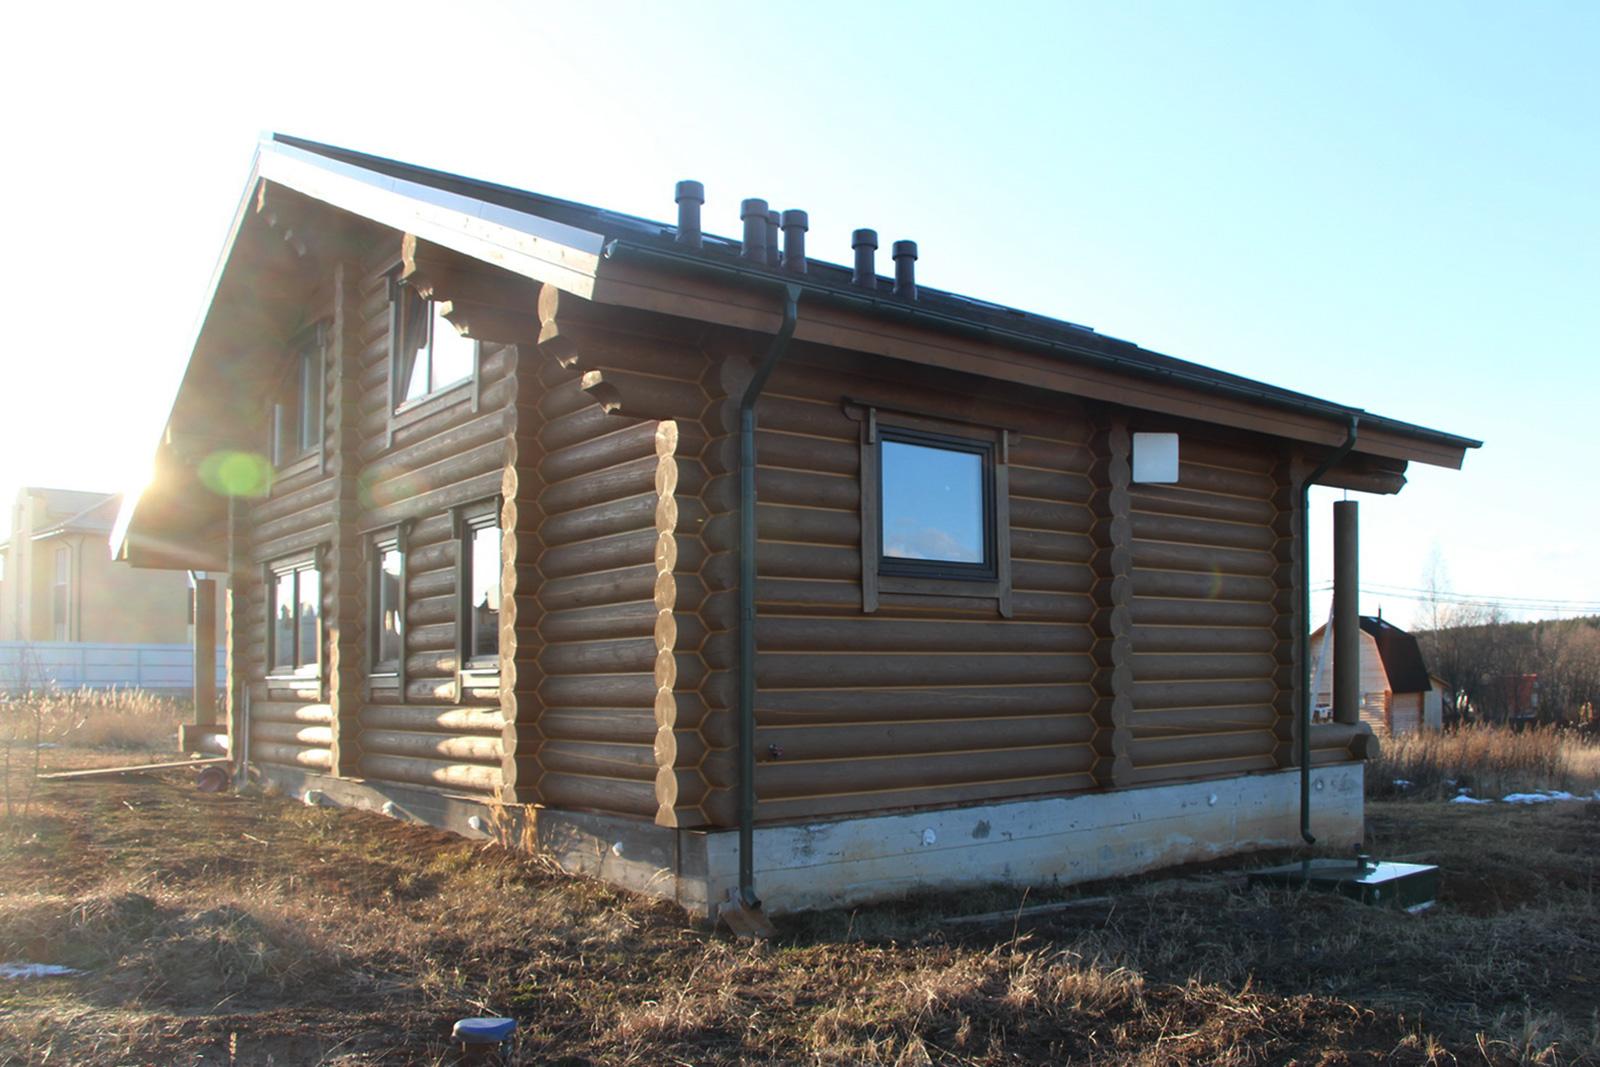 Авот как выглядит дом сгерметиком: все щели между бревнами итрещины закрыты герметиком